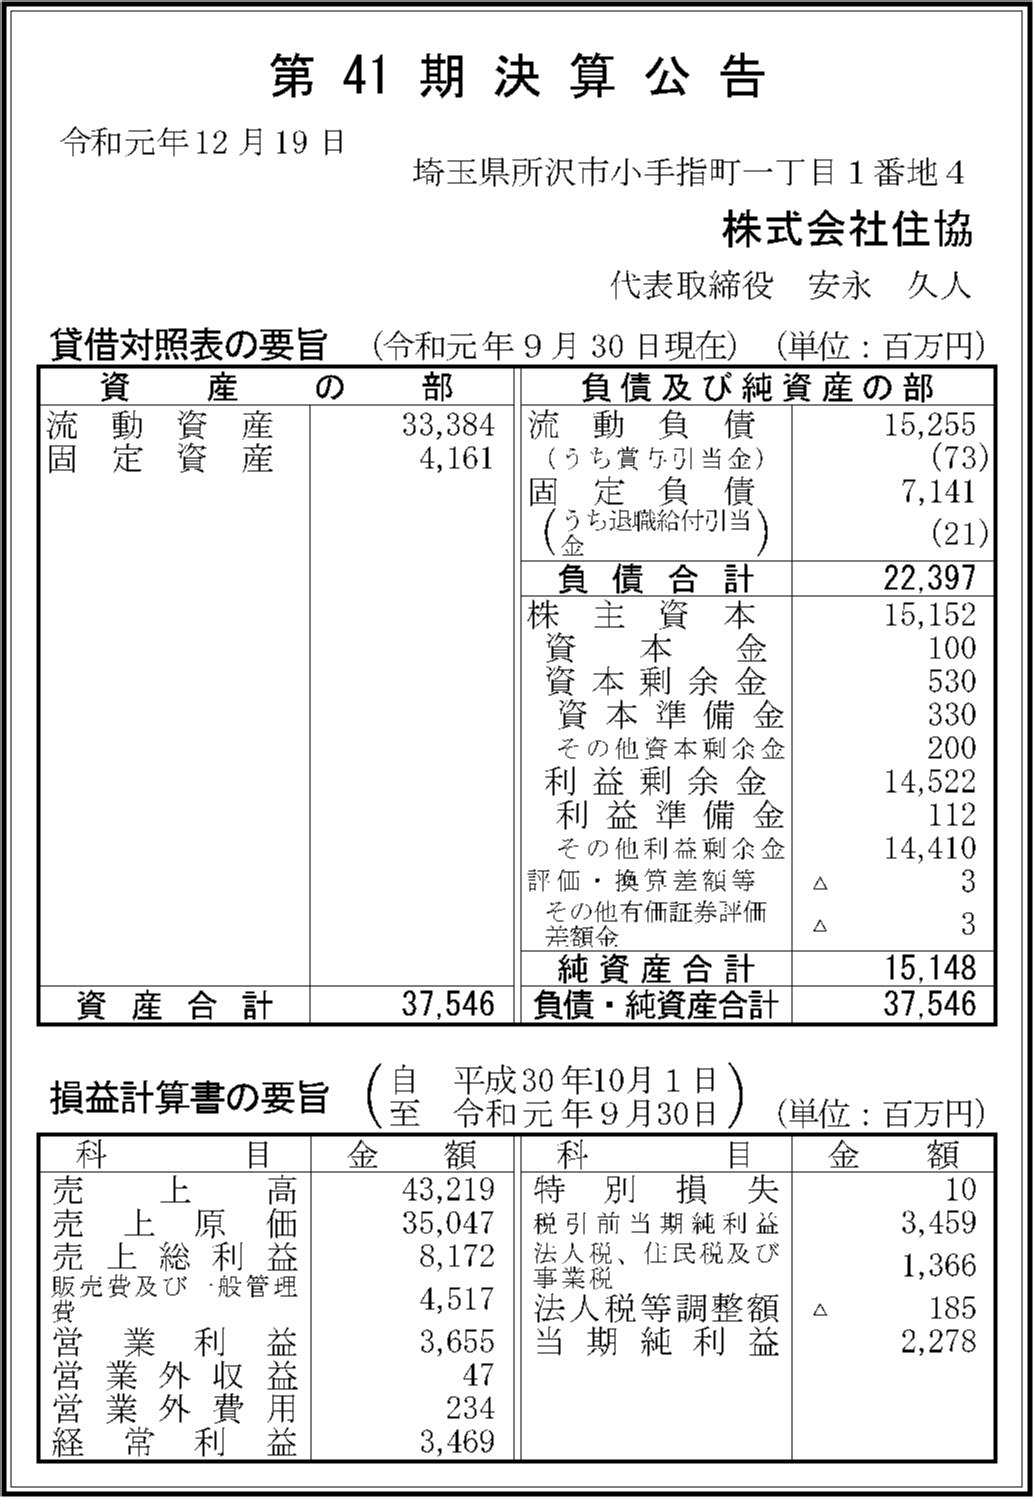 0063 2e37c9c71cd9cd026ff72fb893cadb40265f748db6f7957ea5216a451f445b7f1bd97012eef0bae3fee11df831241786d983bdb62e2dfc8b5bb603a793c7e9bf 04